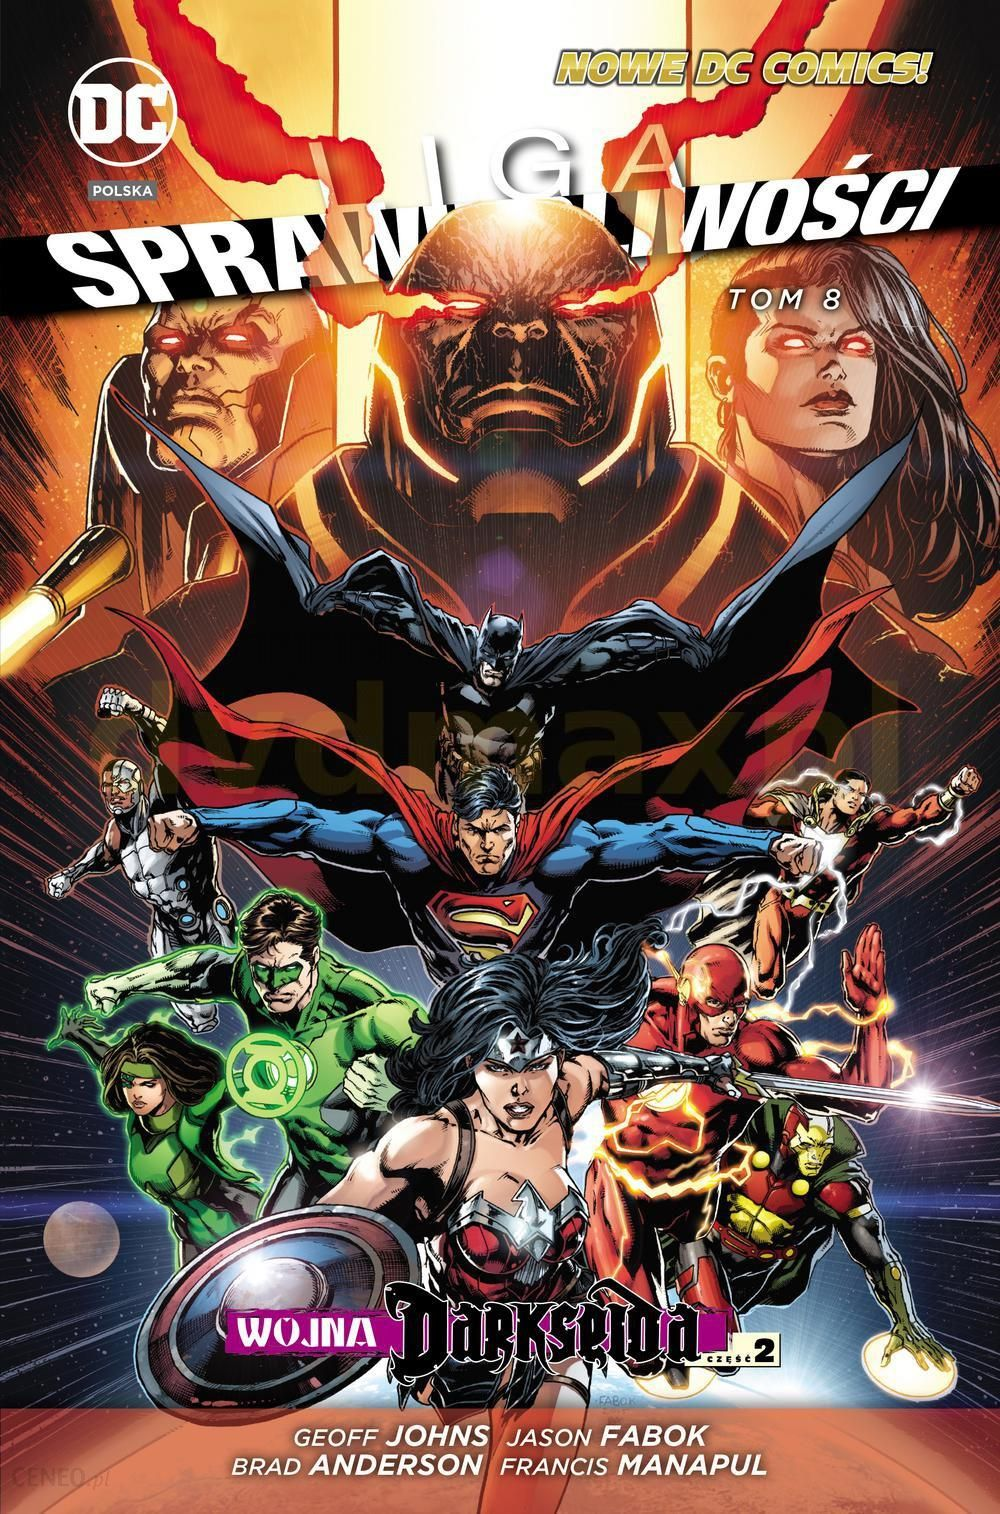 Wojna Darkseida część 2 Liga sprawiedliwości (Tom 8)  KOMIKS  - zdjęcie 1 ef60ceb0f2